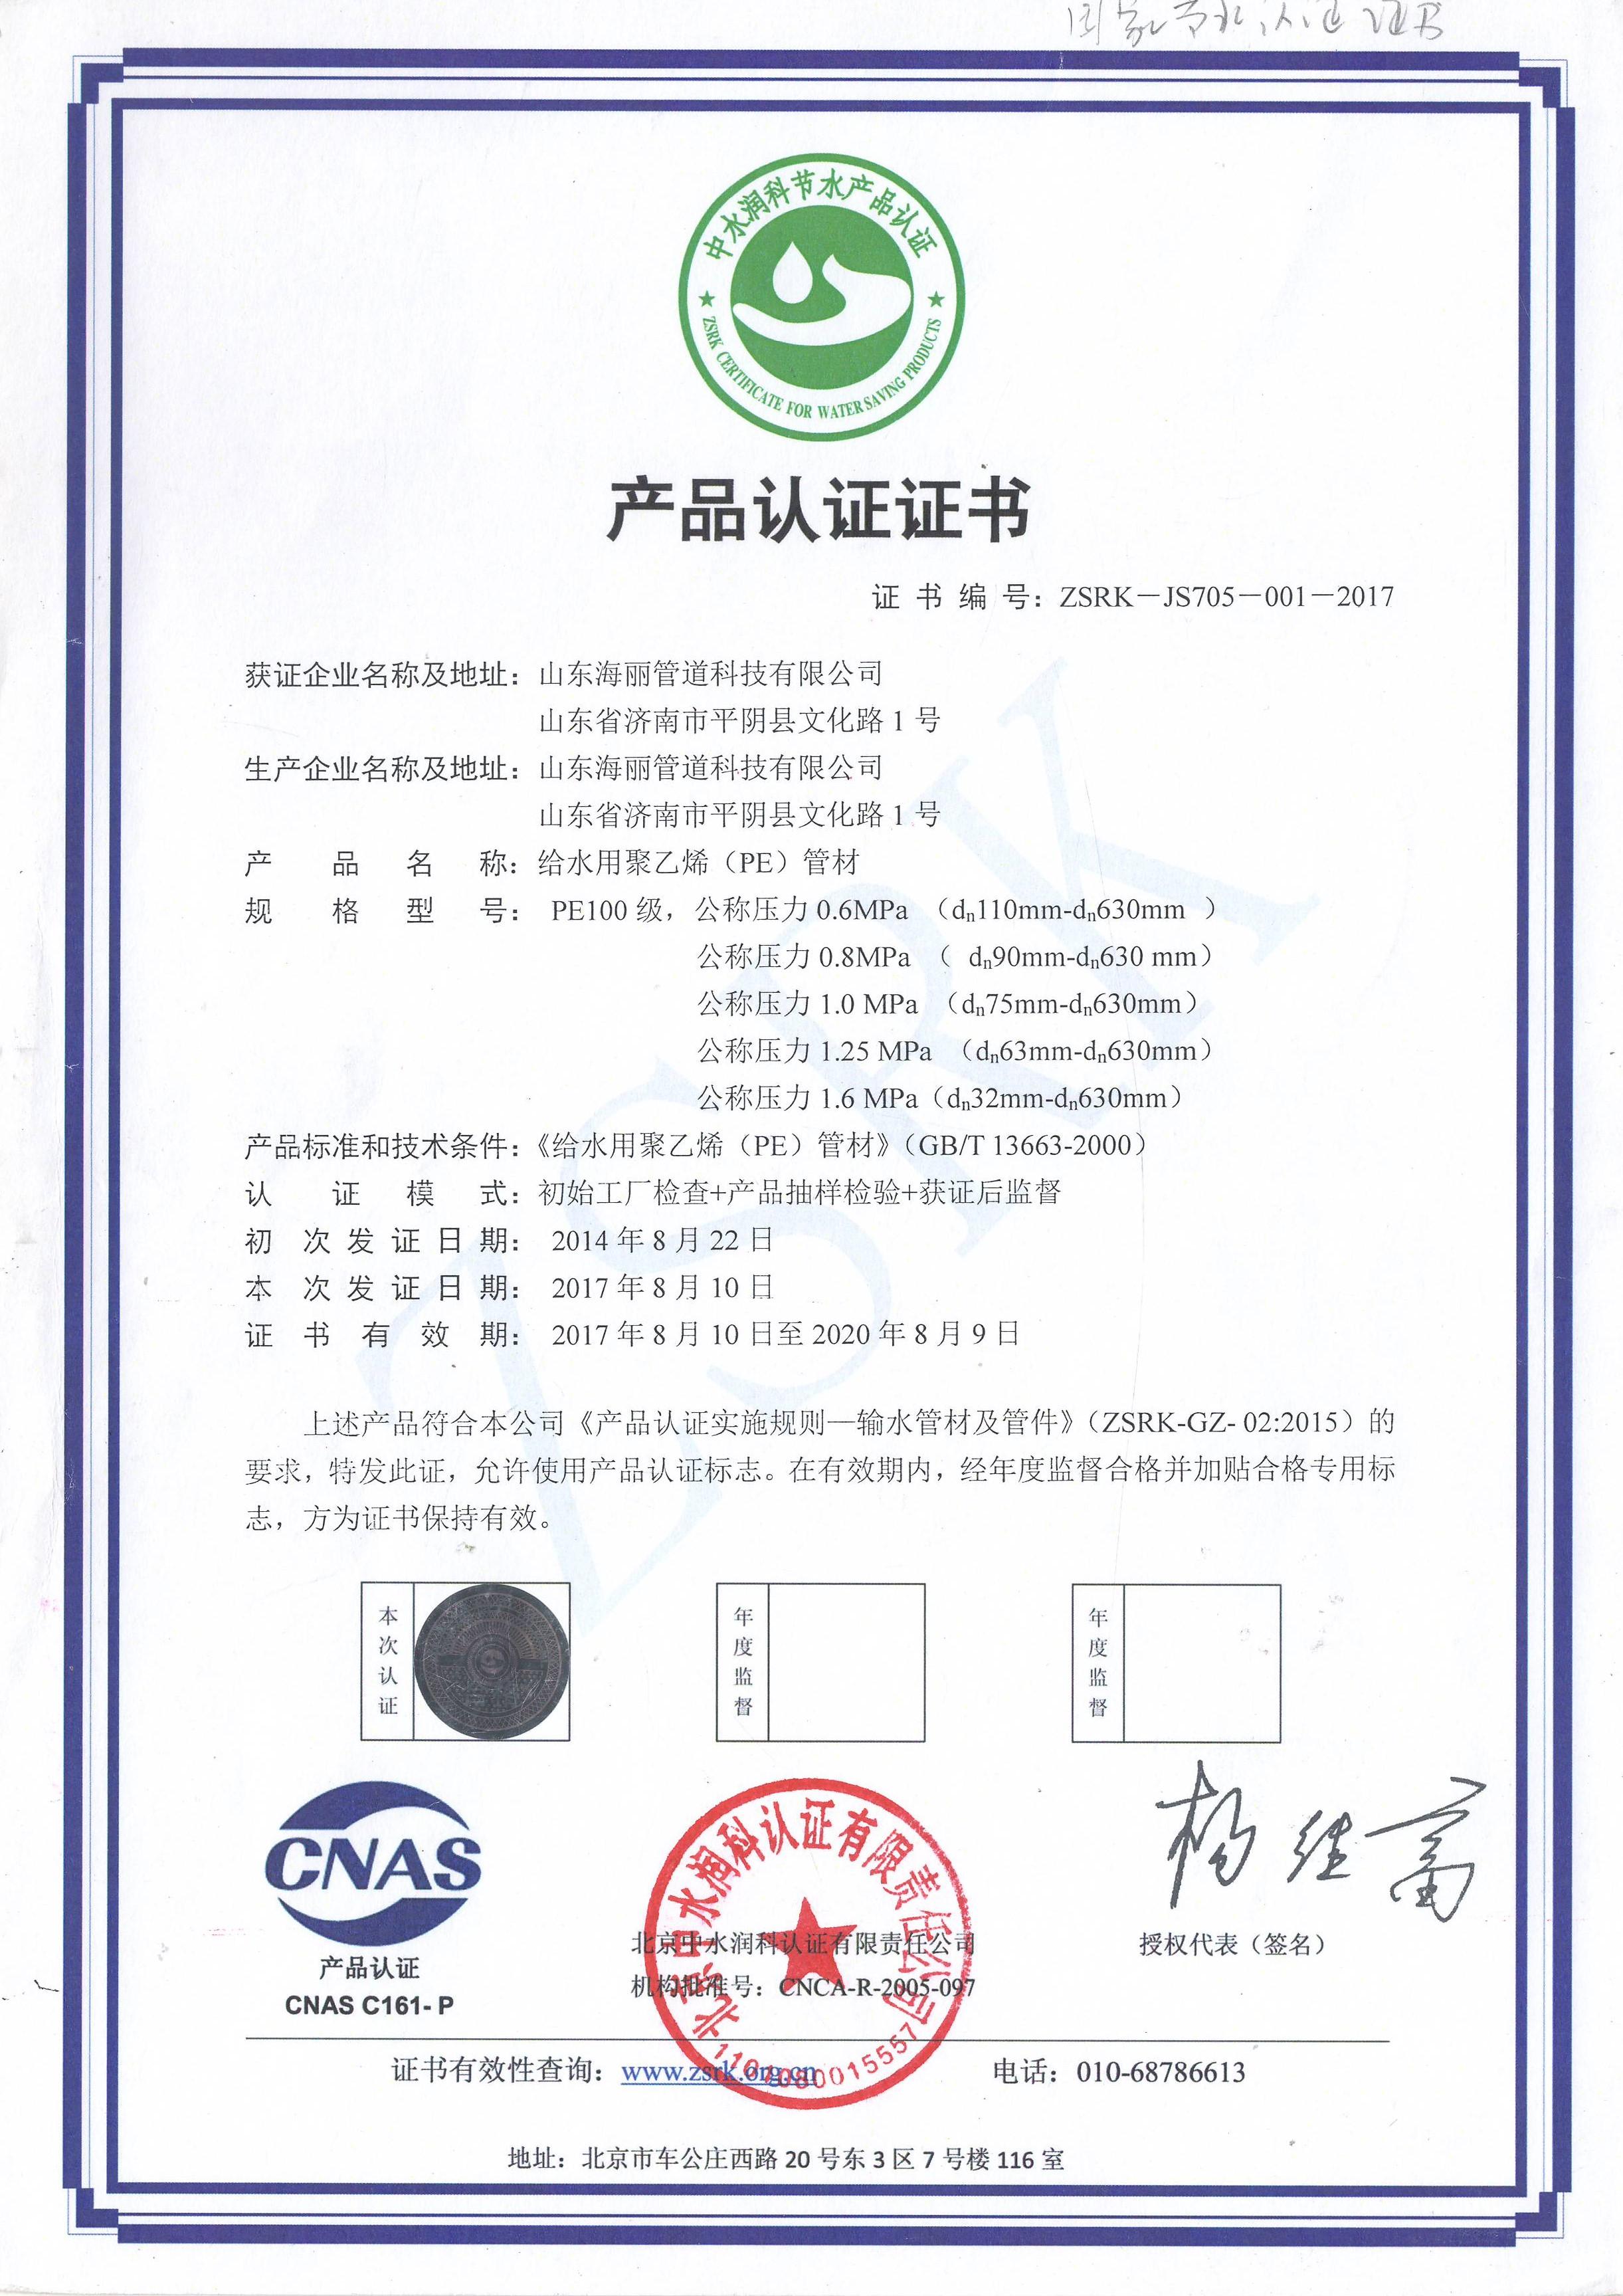 国家节水认证证书-中文版